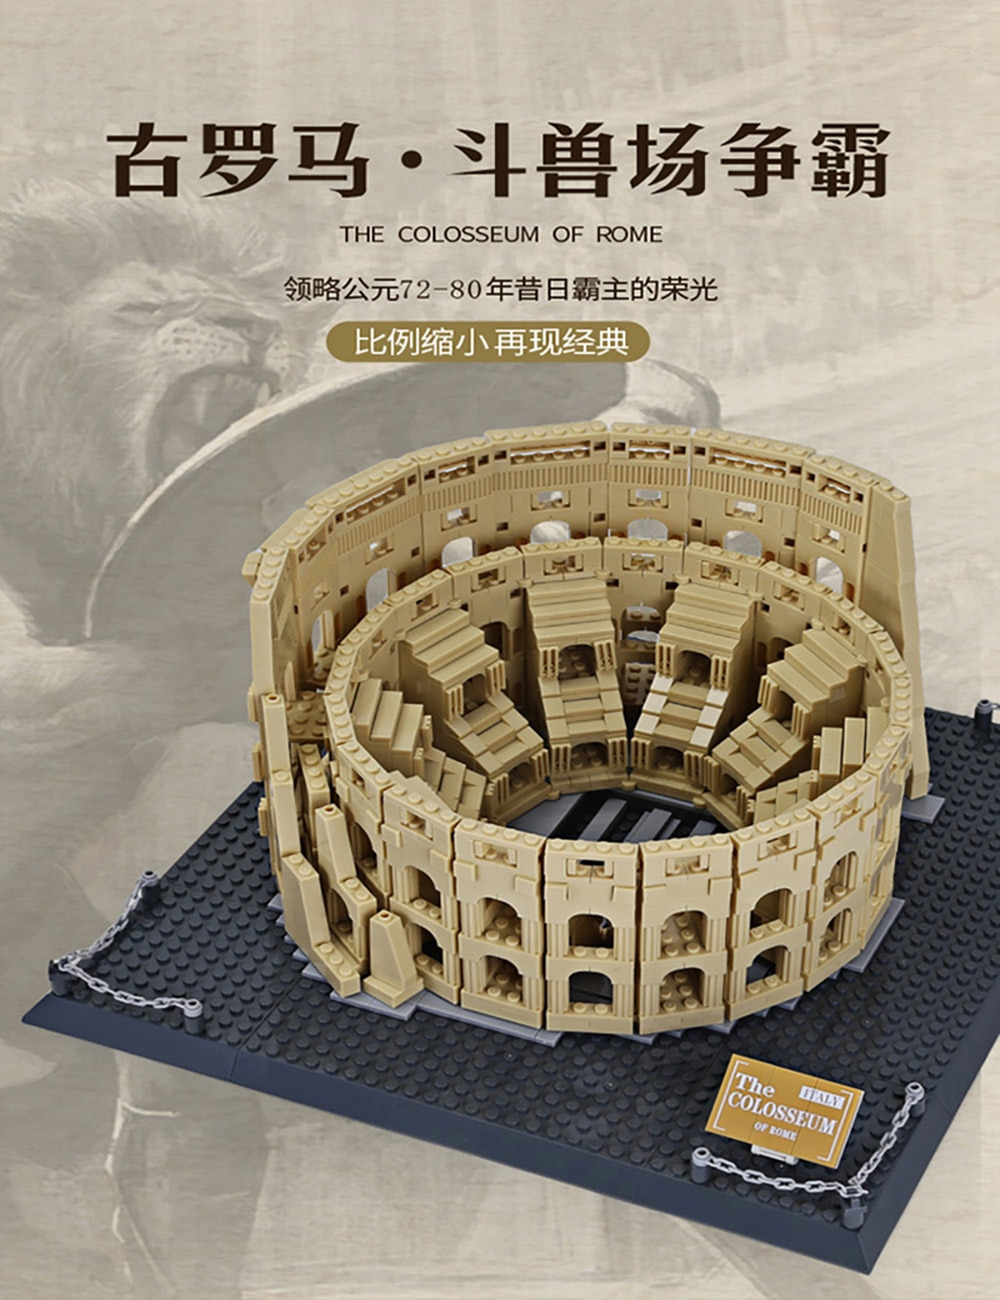 5225 arquitectura ciudad Italia Roma Colosseum conjuntos de bloques de construcción ladrillos ciudad clásico modelo horizonte chico DIY juguetes regalo de Navidad